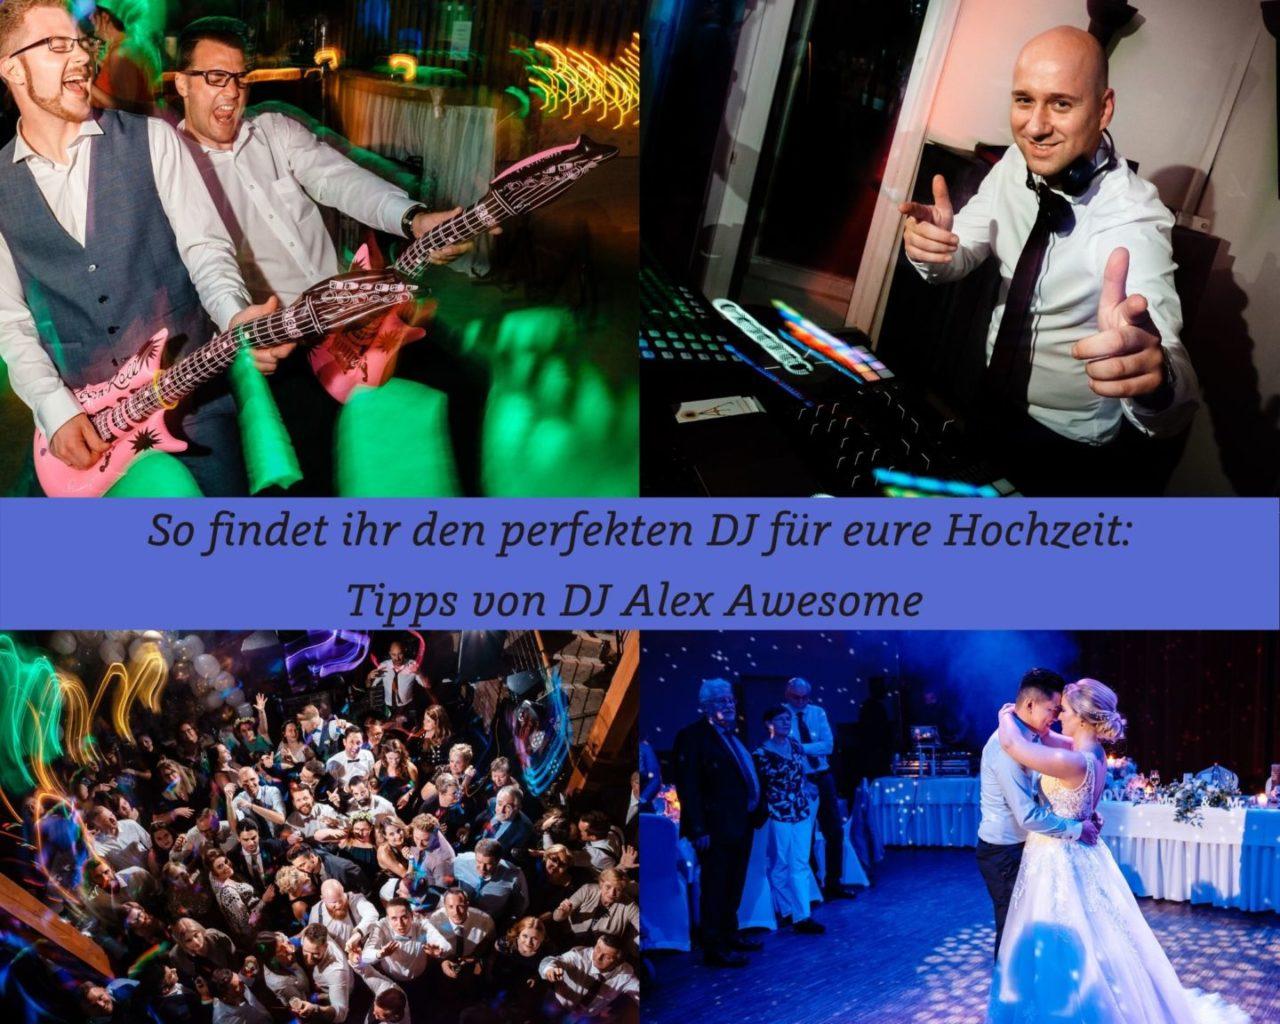 Hochzeit DJ Musik Heiraten tanz Hochzeitstanz 1280x1024 - Hochzeits-DJ: So findet ihr den perfekten DJ für eure Hochzeit